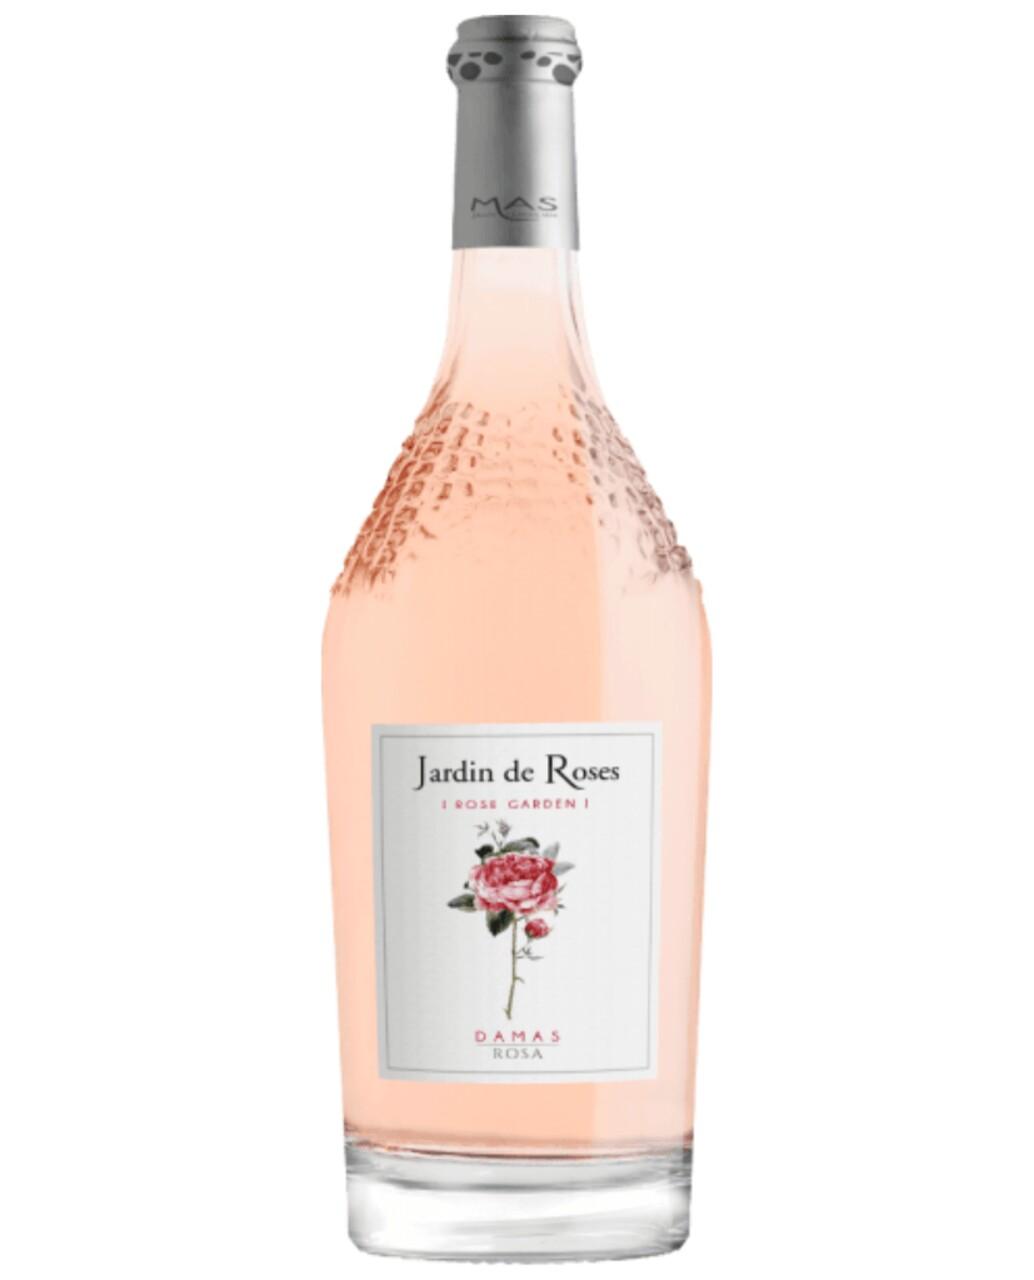 Paul Mas Jardin de Roses